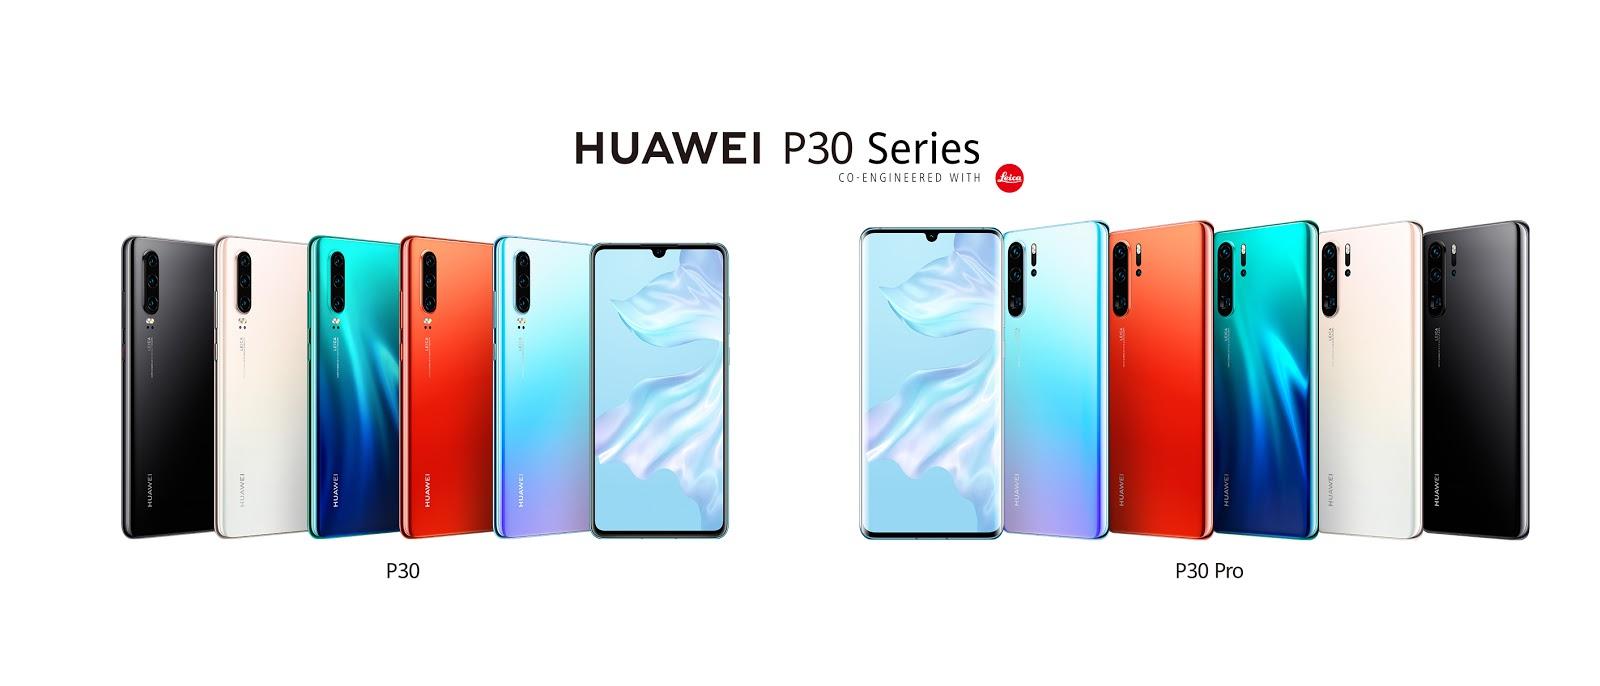 หัวเว่ยฉีกทุกกฎของการถ่ายภาพ เปิดตัวที่สุดแห่งสมาร์ทโฟนHUAWEI P30 Series